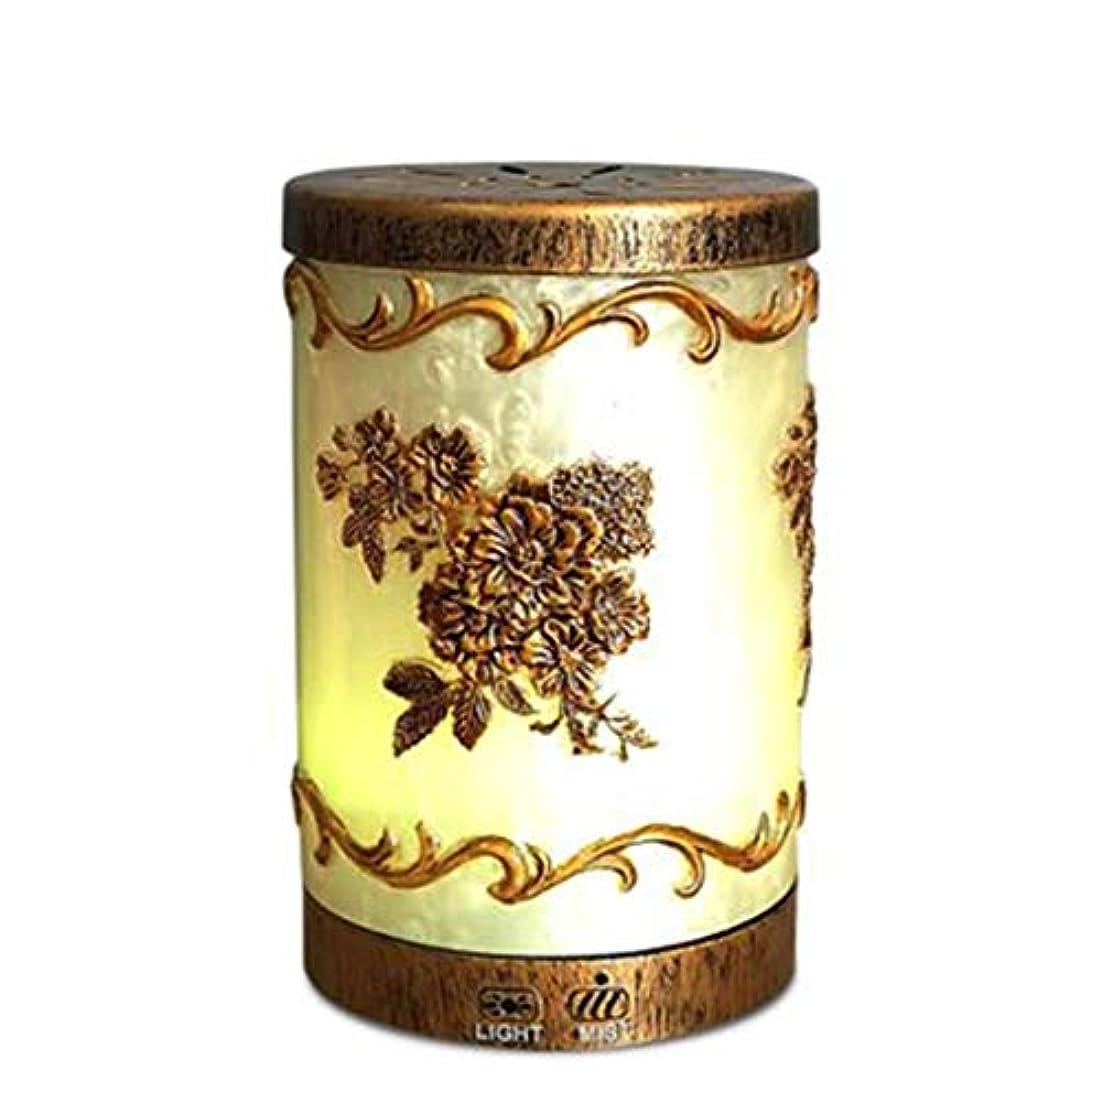 ボット接ぎ木不変多彩な芳香ランプ、超音波機械、理性的な古典的な浮彫りにされたパターン拡散器の器械 (Color : Natural)